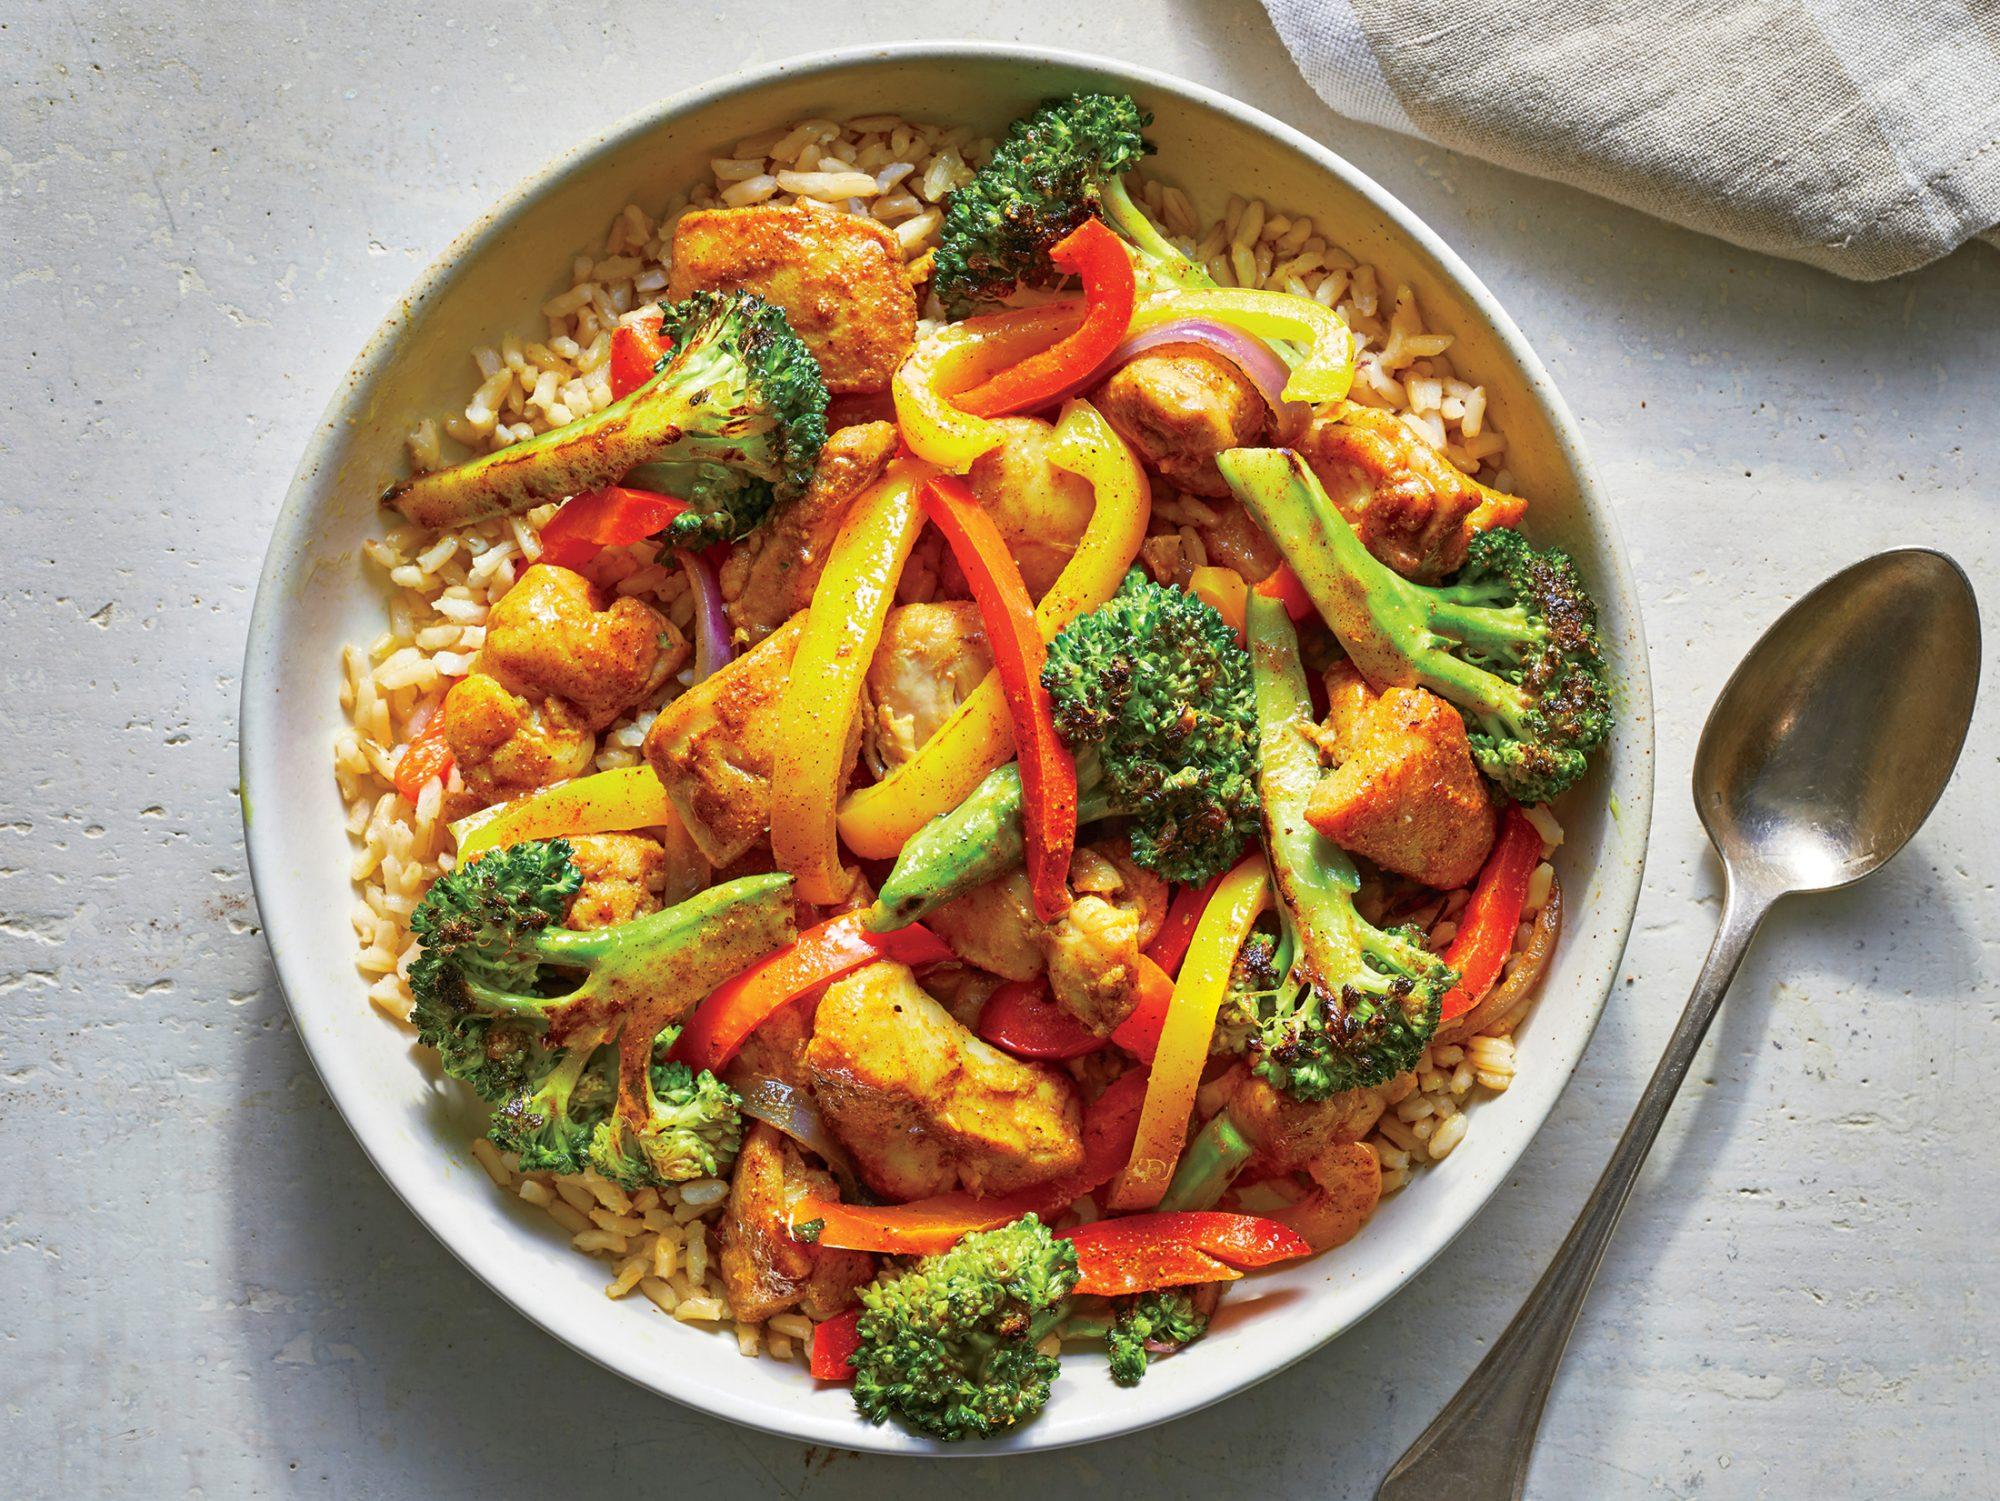 Chicken Curry Stir-fry